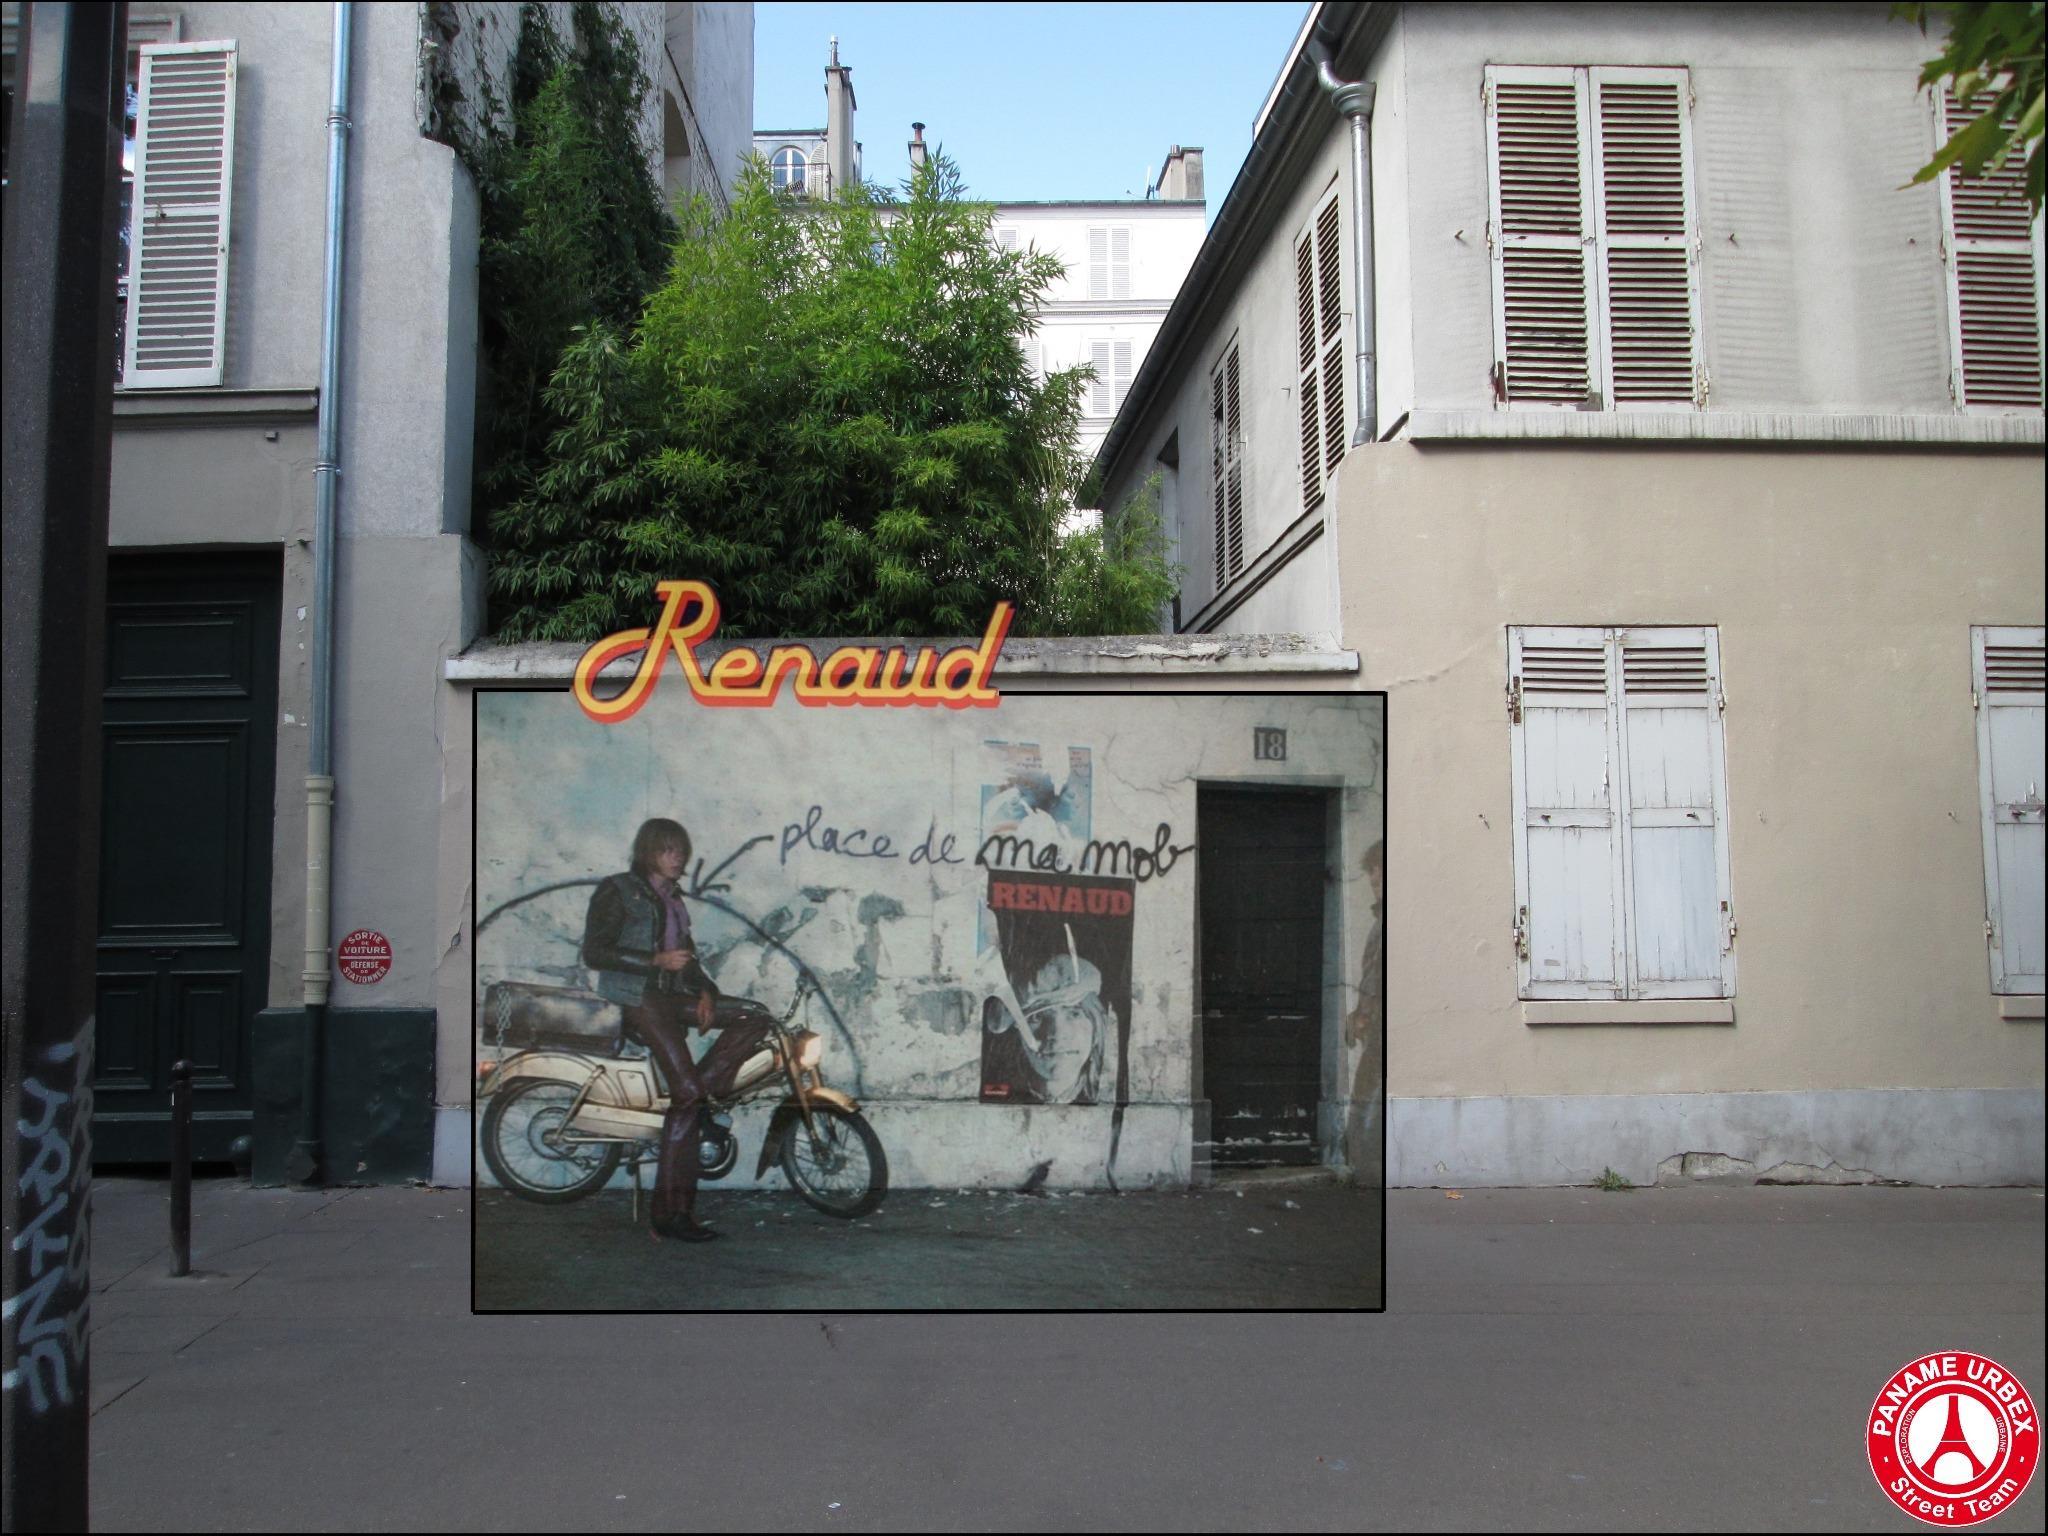 La Place de ma Mob ! Renaud, album Laisse Béton, 1977. 18 avenue du Maine, 75015 Paris. (Source : Paname urbex)